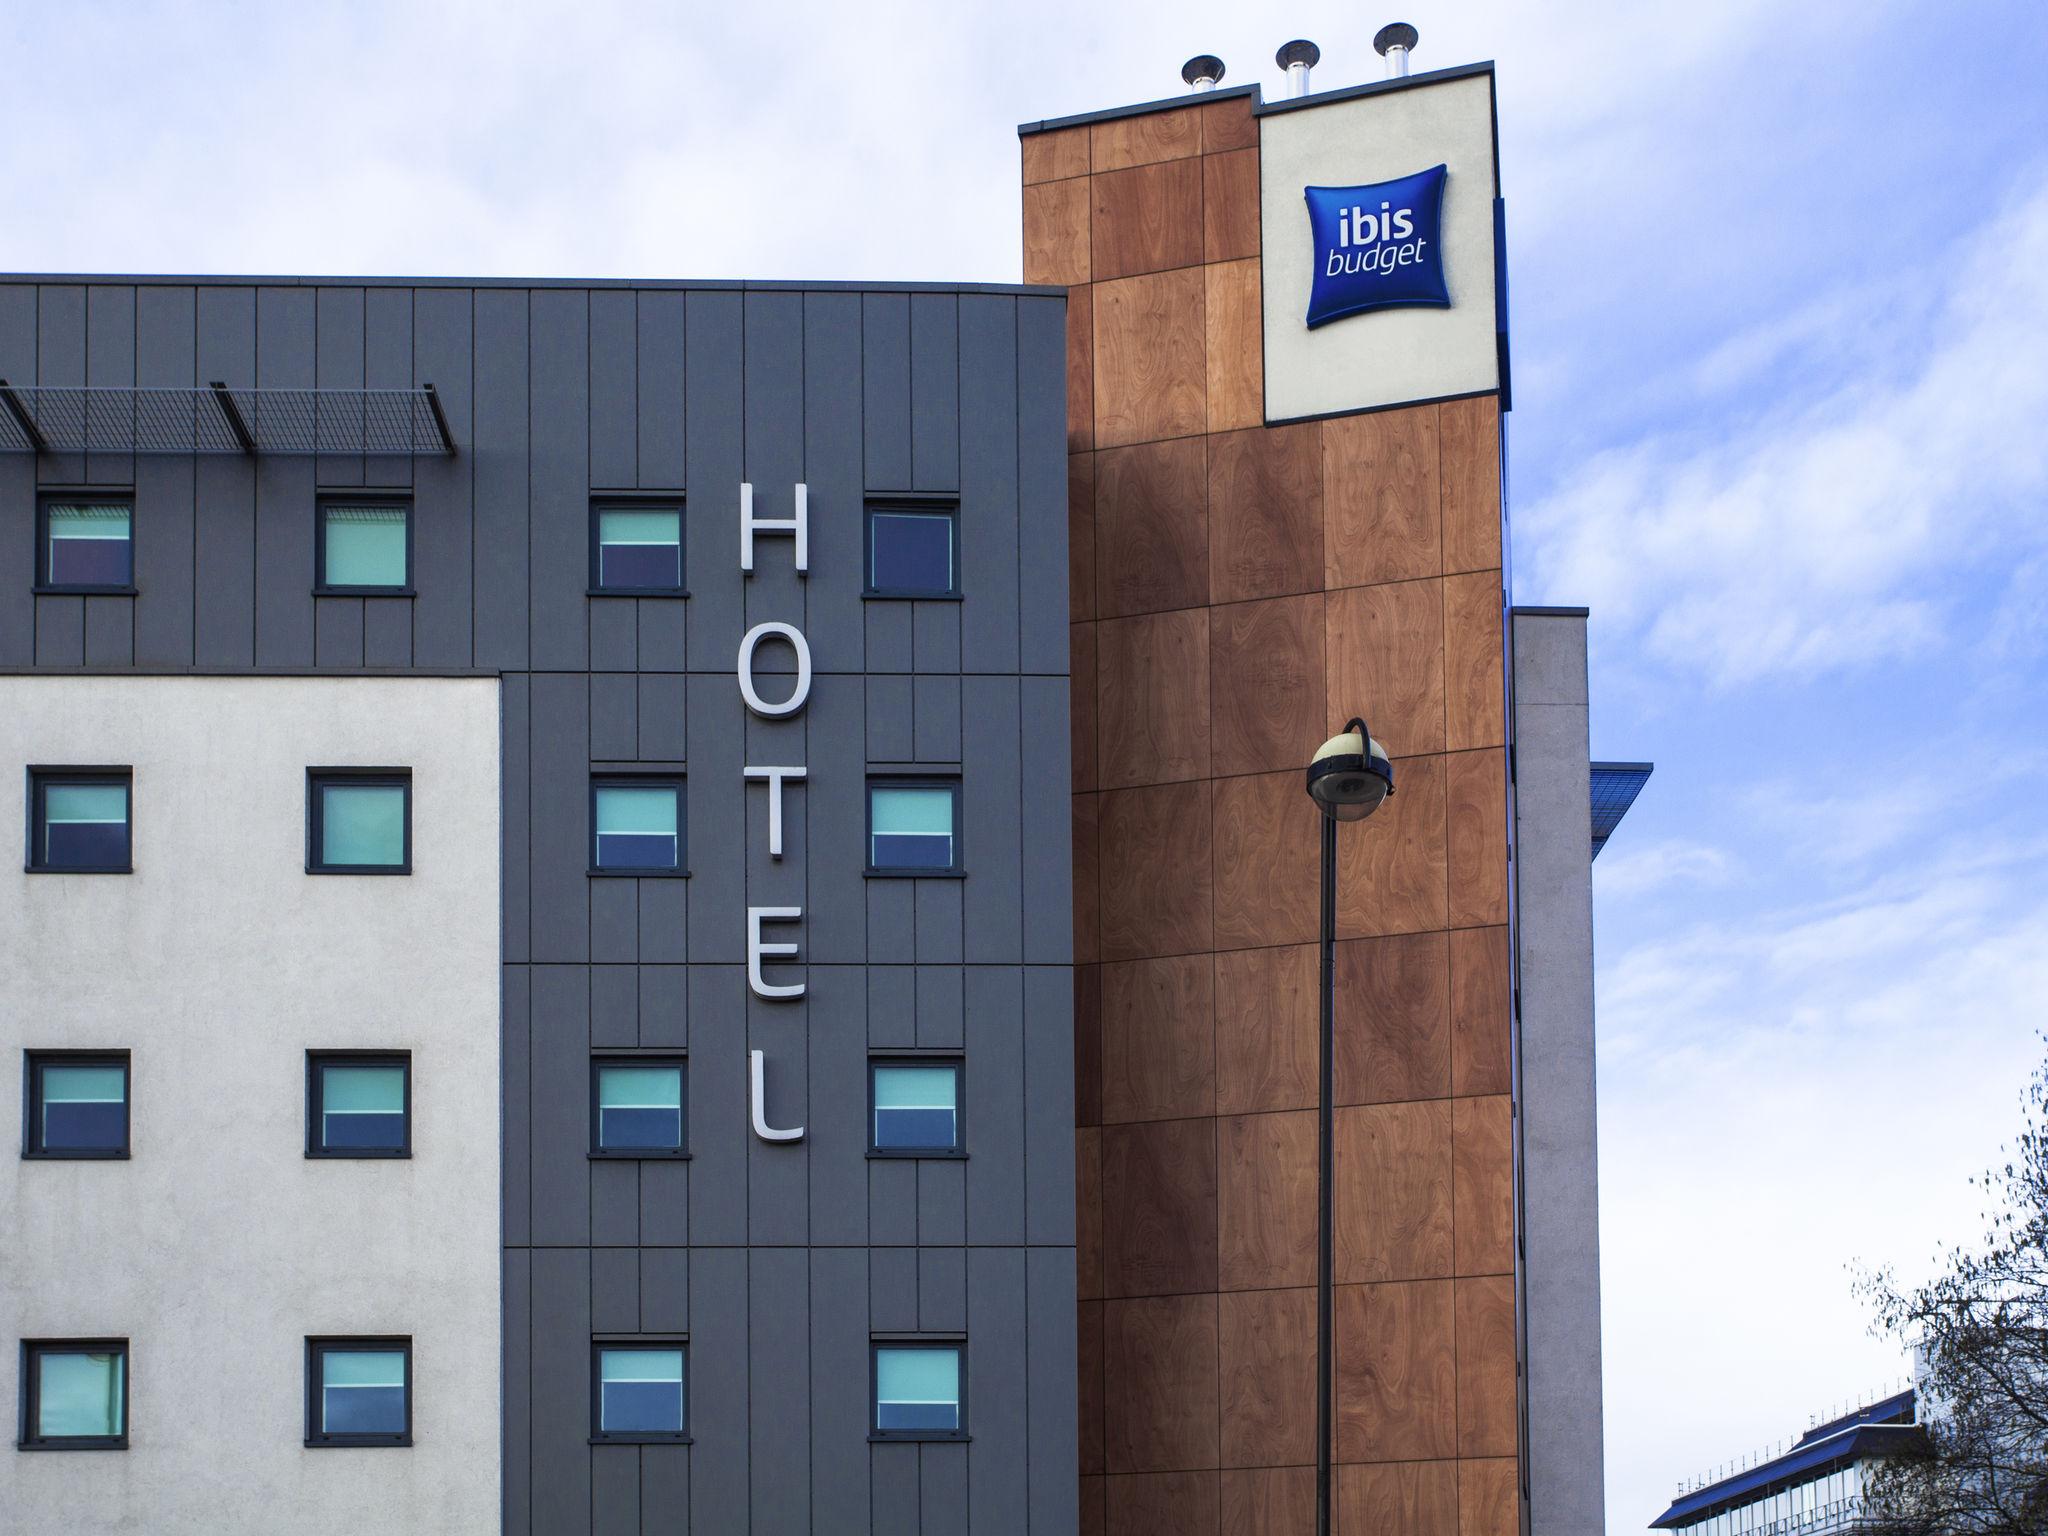 酒店 – ibis budget 伦敦豪恩斯洛酒店